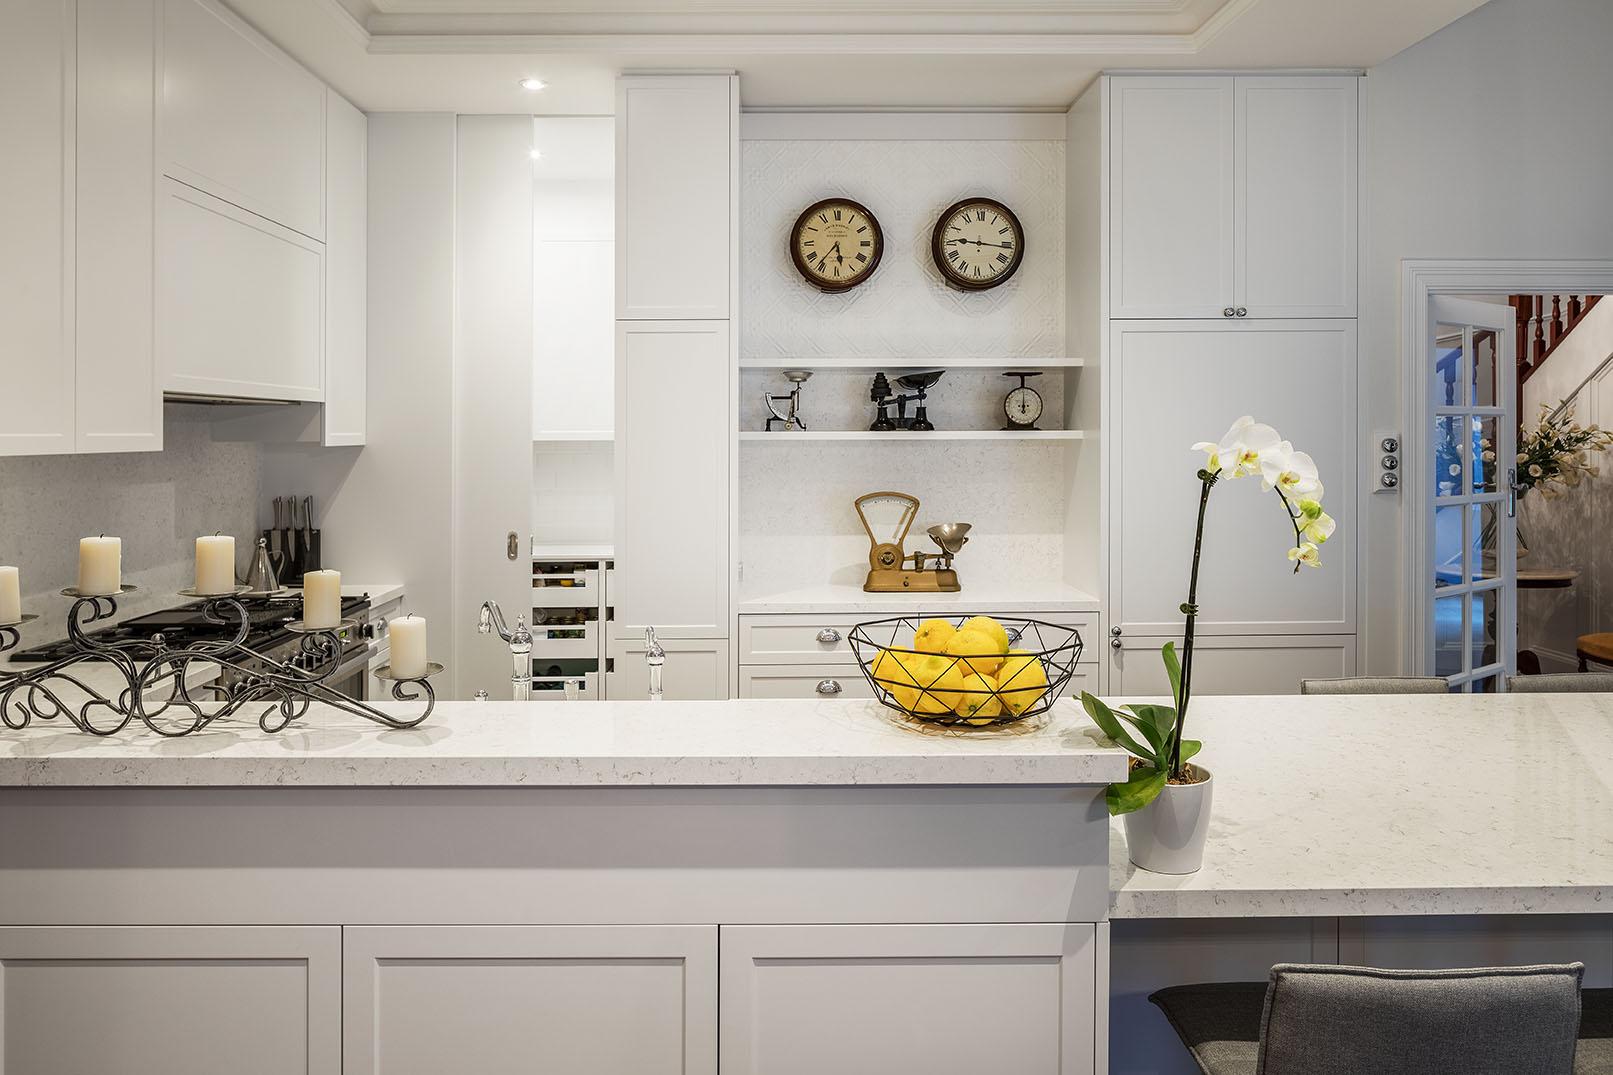 clive_kitchen_01.jpg